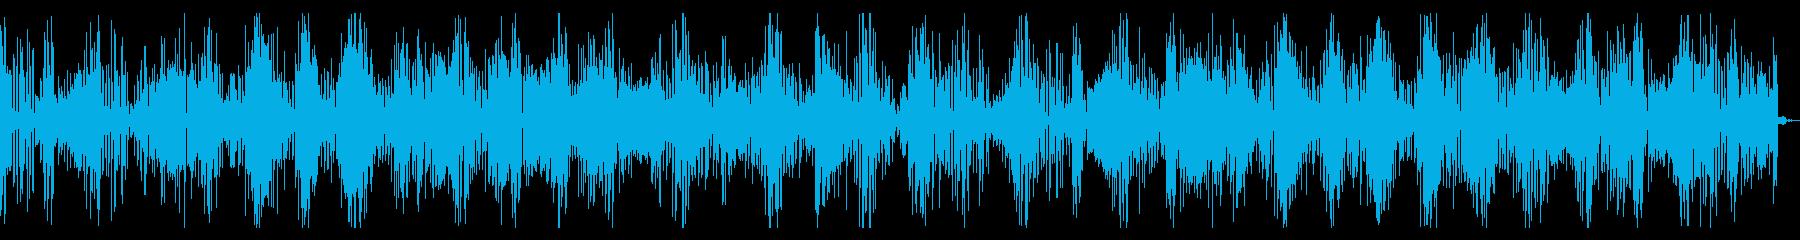 緊迫感のあるインダストリアルテクノの再生済みの波形